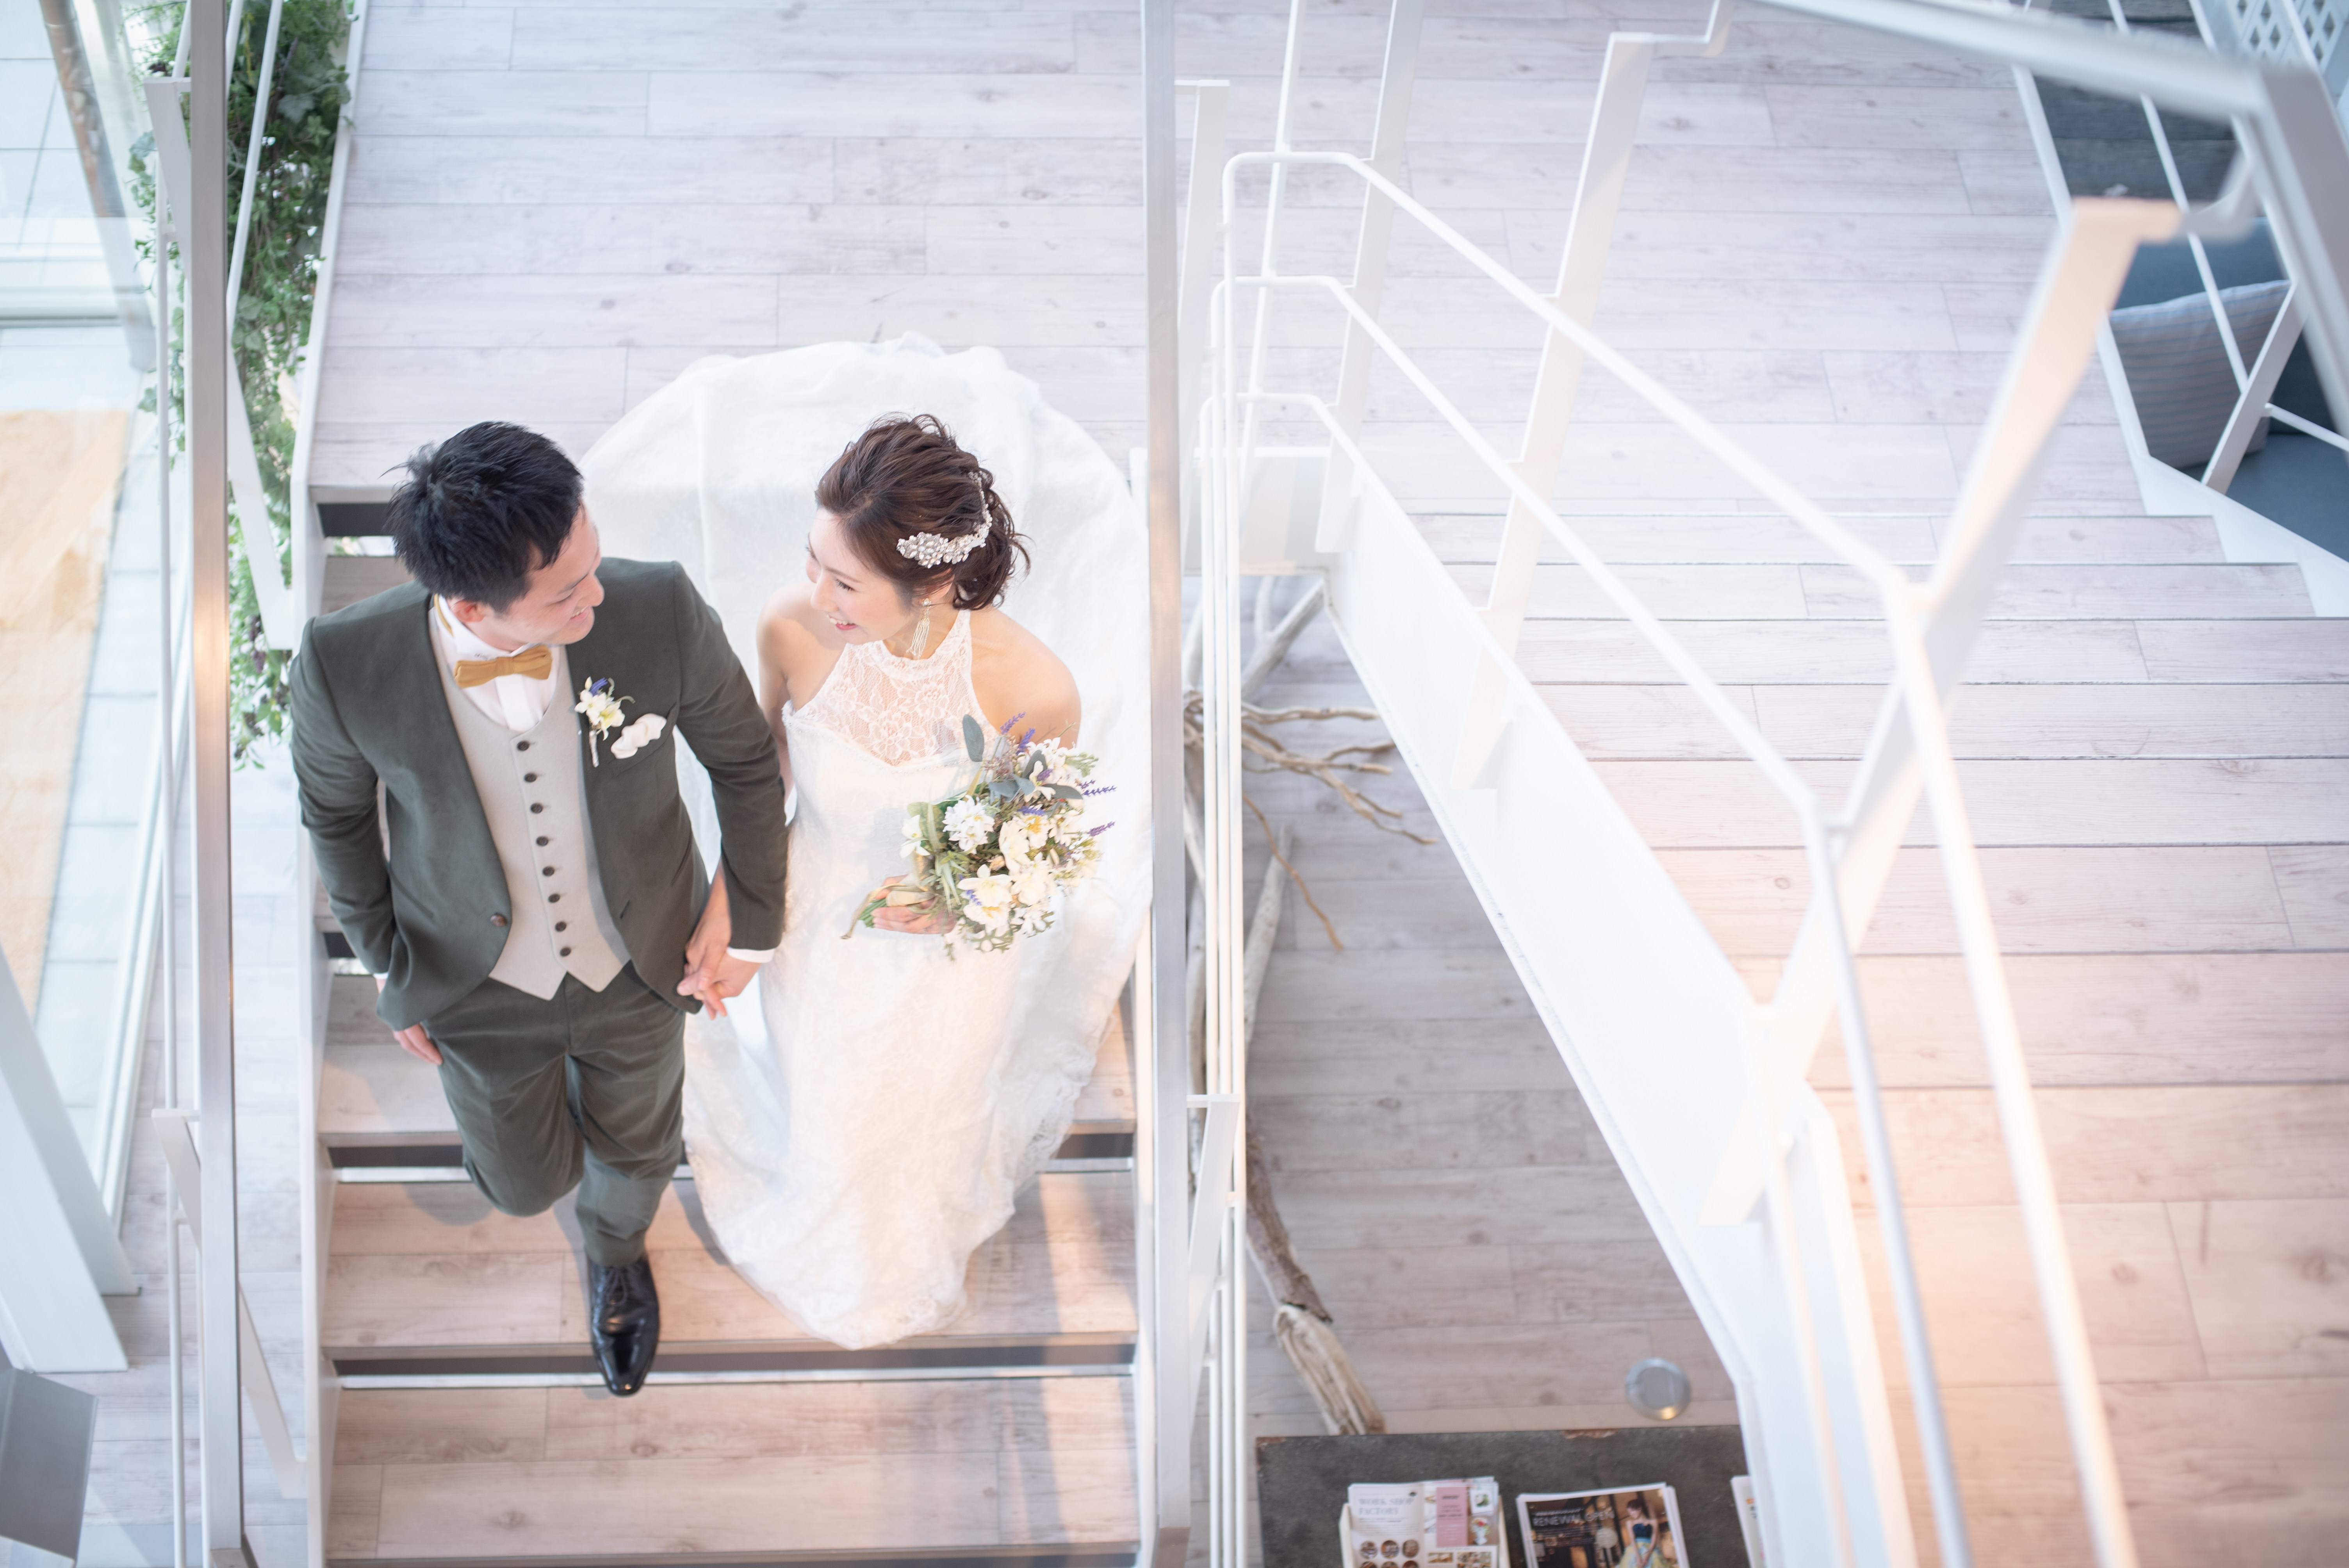 香川県高松市の小さな結婚式紹介所マリマリコンシェルジュでのフォト撮影